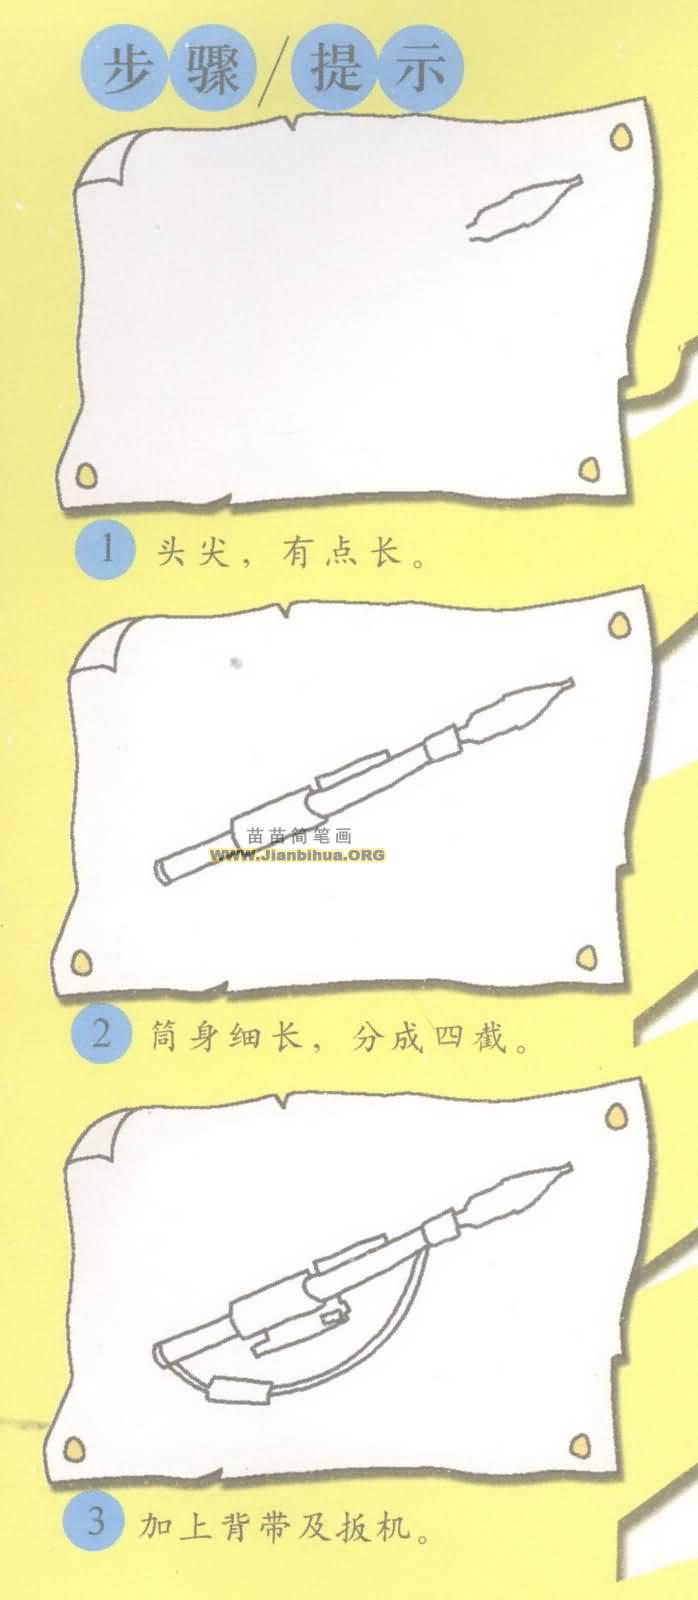 火箭筒简笔画图片教程